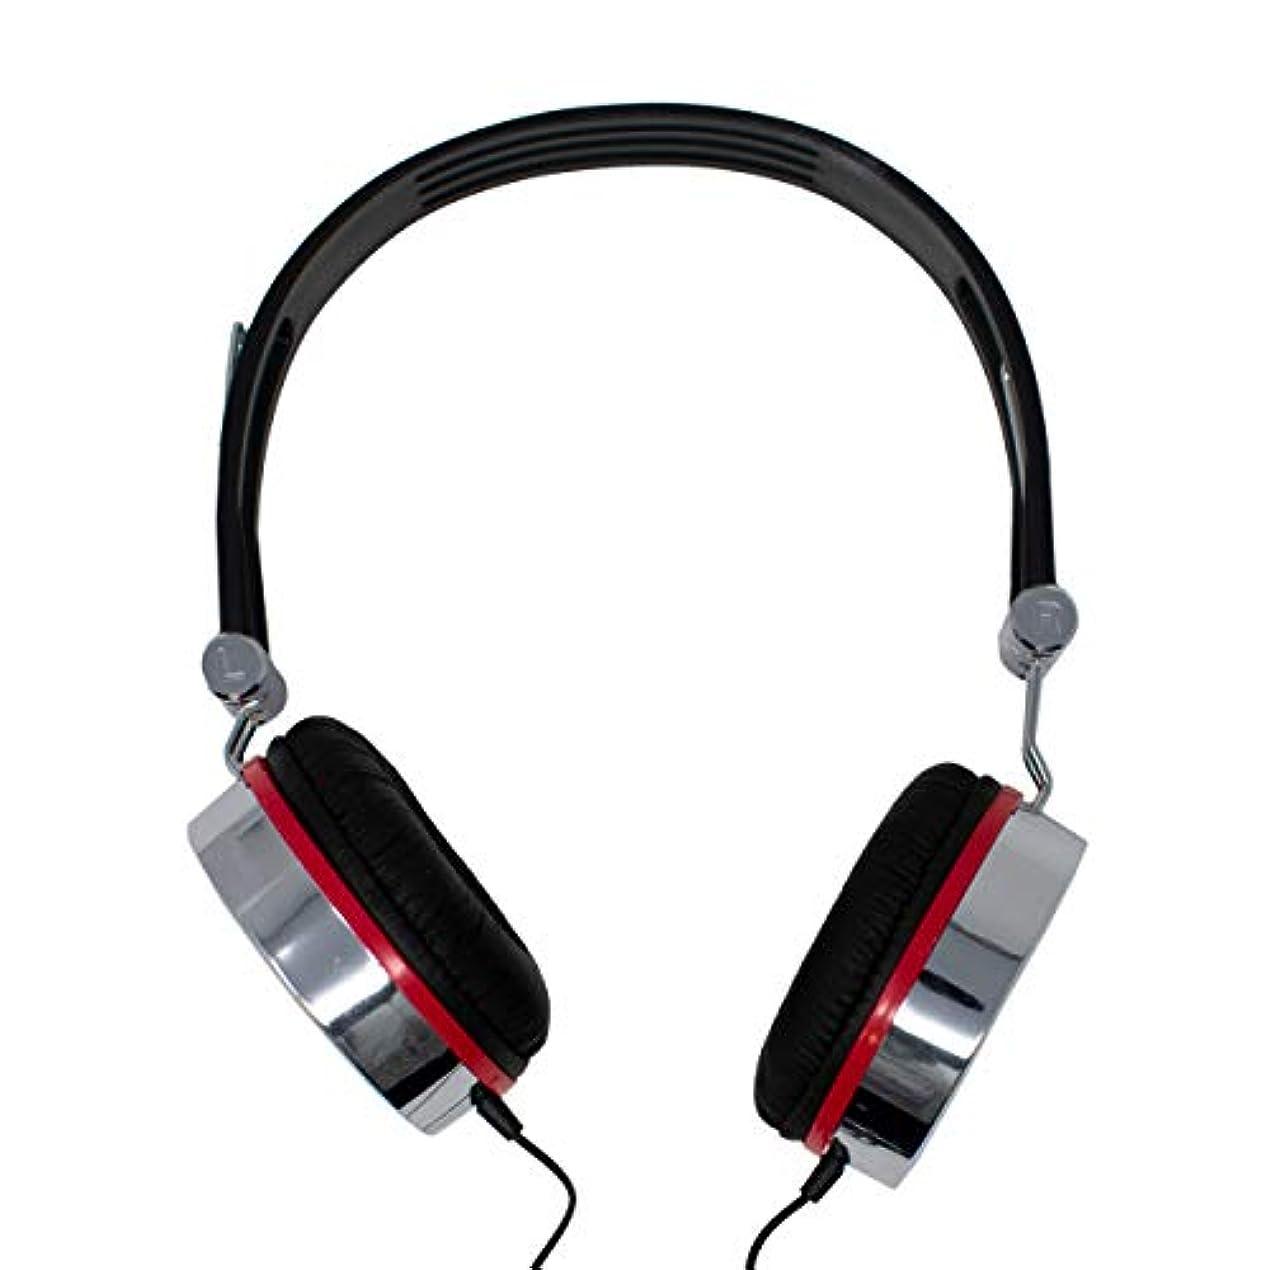 演劇石灰岩マイク付きヘッドセットオーバーヘッドヘッドフォン(2x 3.5mmジャックプラグ)iCHOOSE®製PC、ラップトップ、Skype、MP3 /オーディオアクセサリ用のインラインマイクヘッドセット